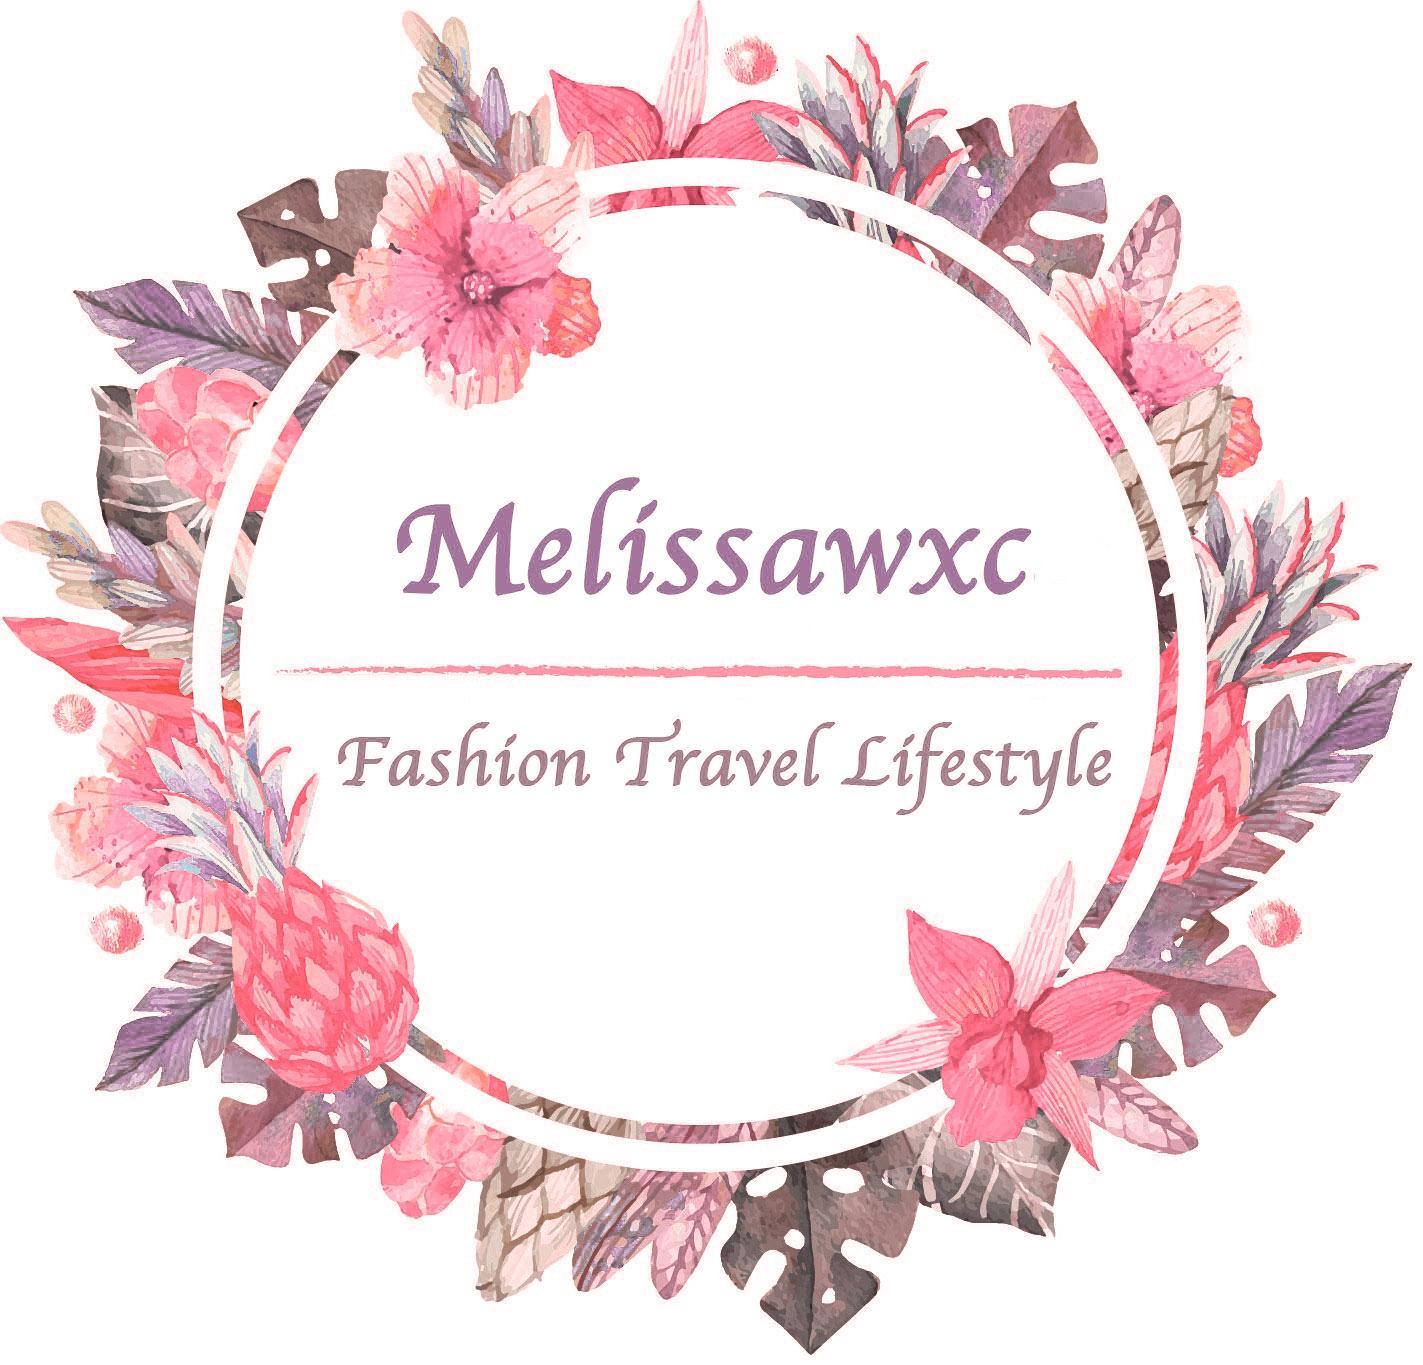 Willkommen auf meinem Blog